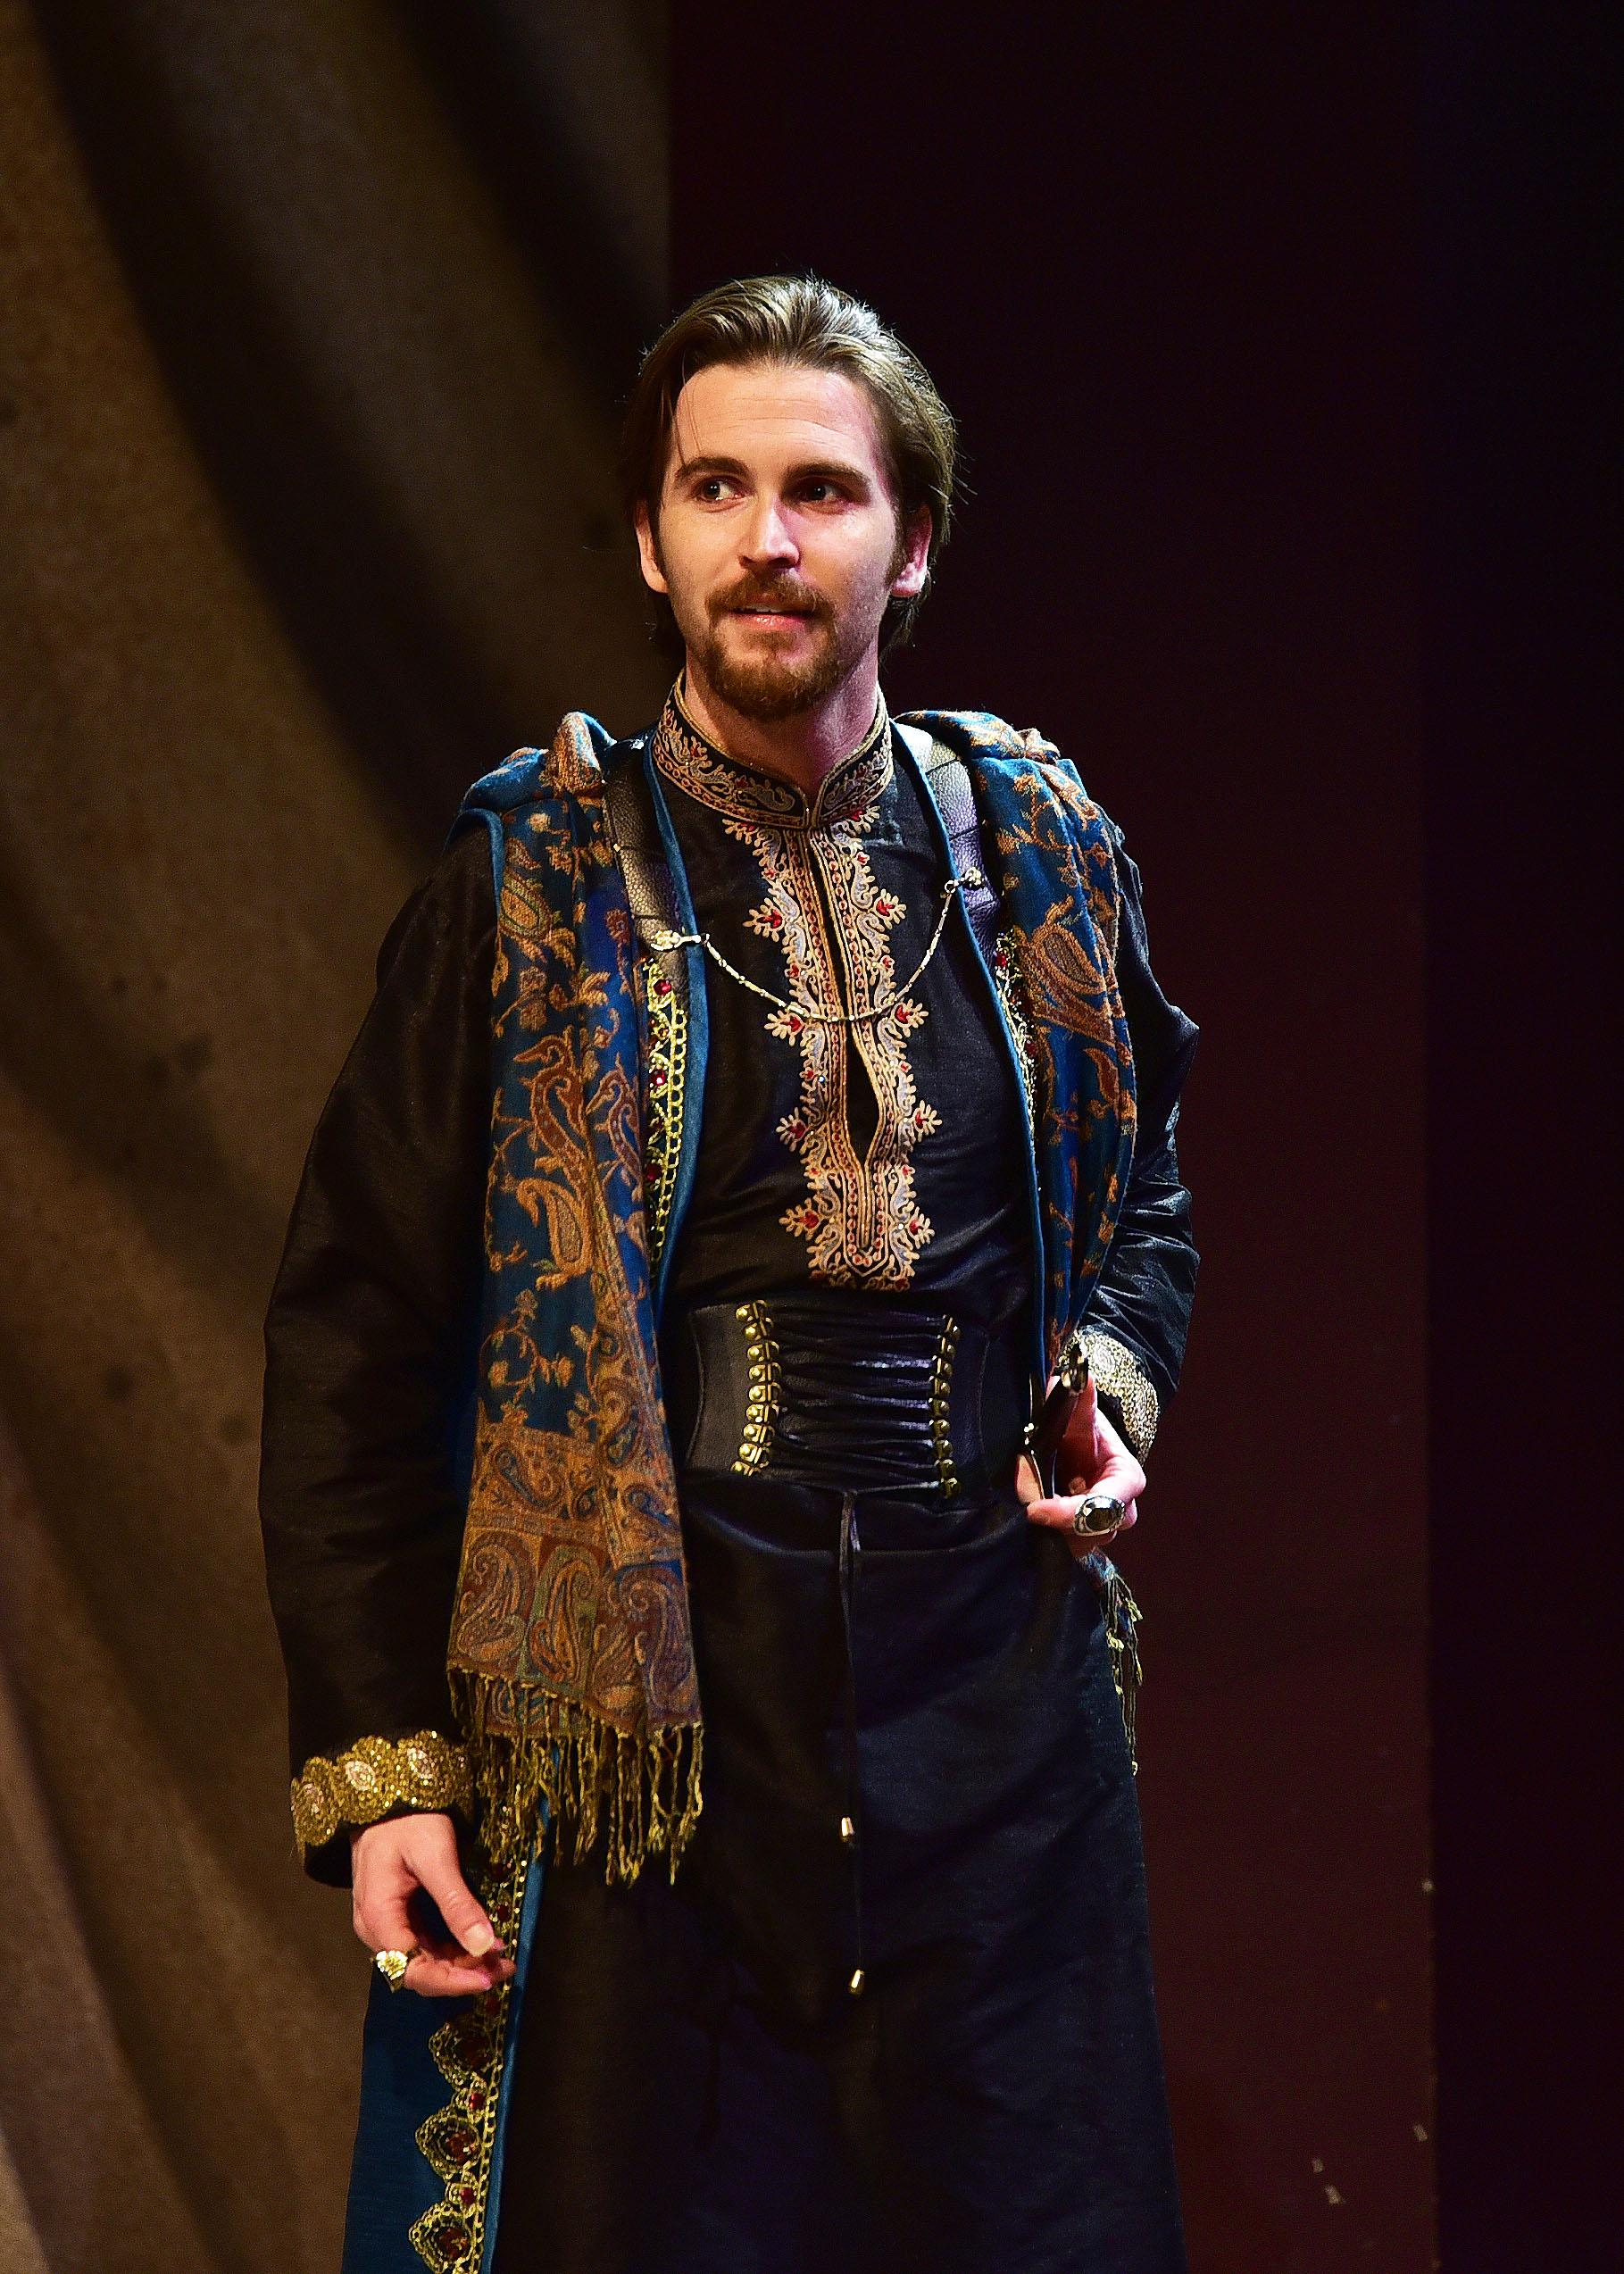 Antonio as Nicholas Jenkins. Photo By: Courtney Foxworthy